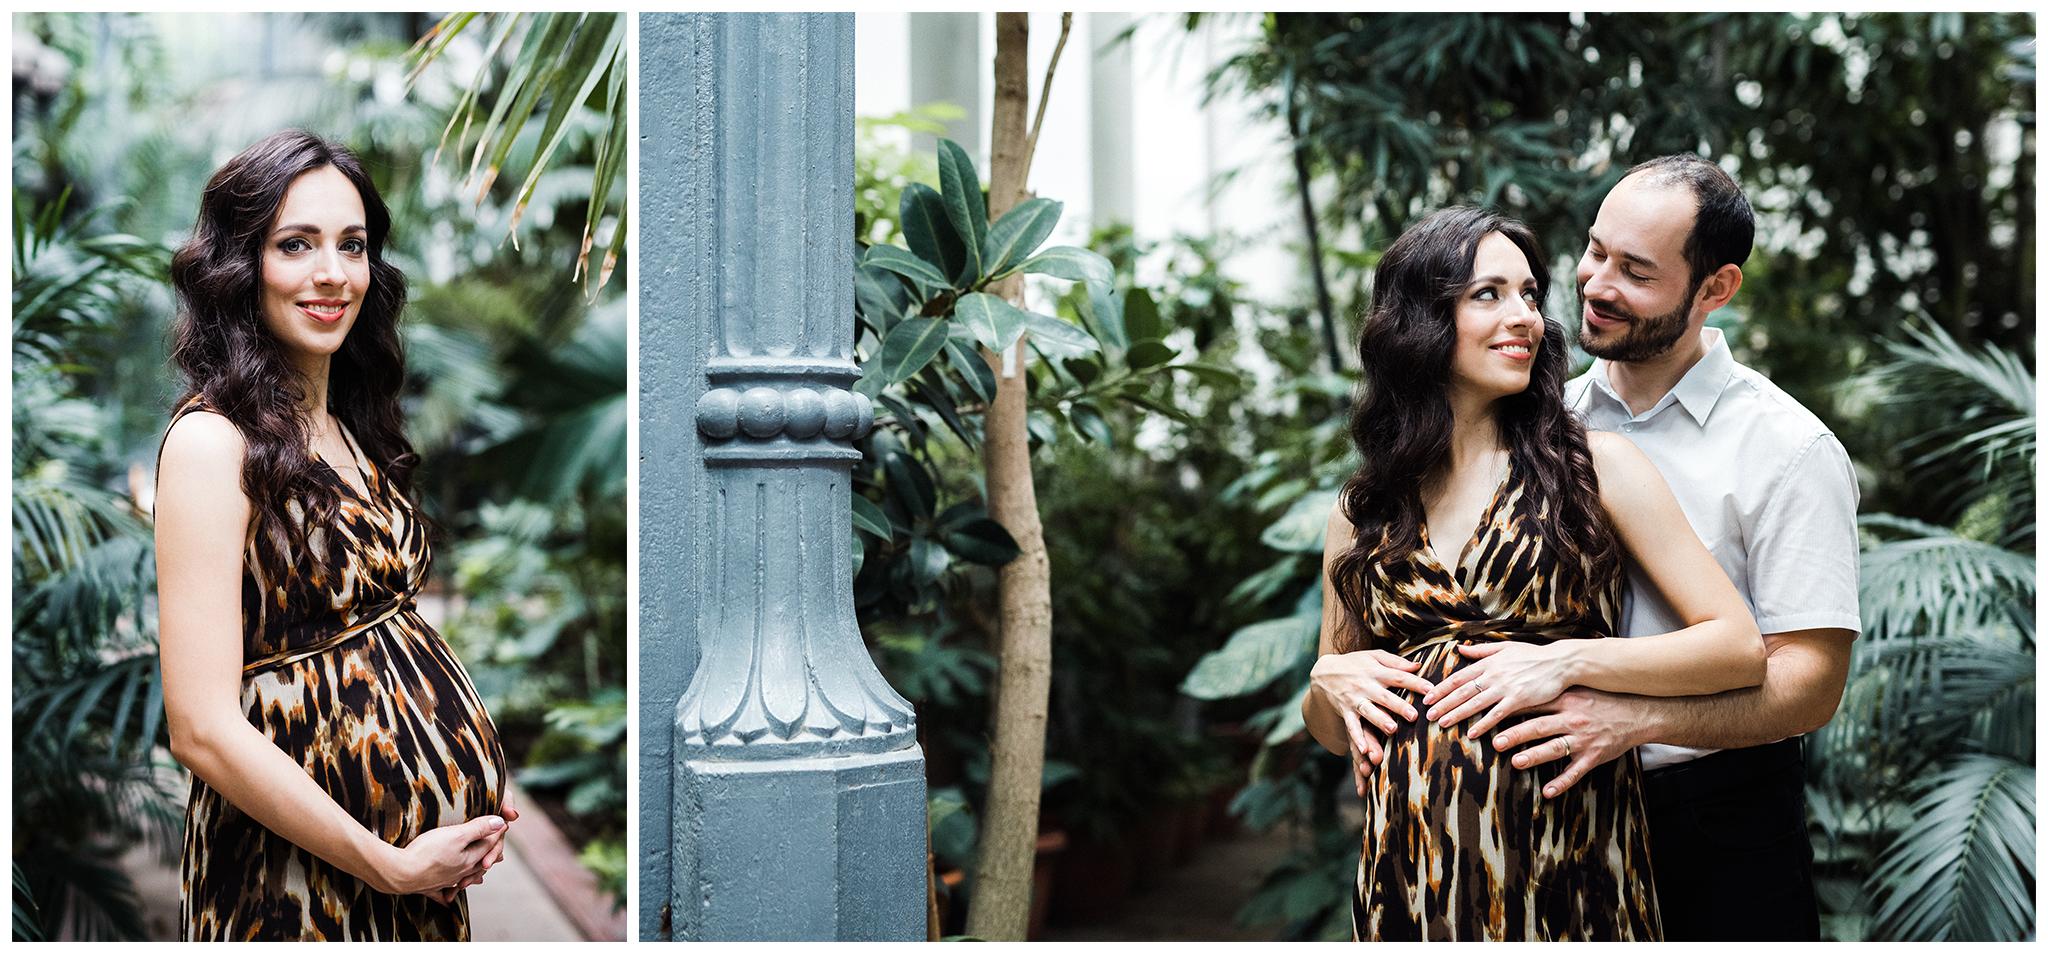 MONT_FylepPhoto, Esküvőfotós Vasmegye, Kismama, pocakfotó, Esküvő fotózás, Esküvői fotós, Körmend, Vas megye, Dunántúl, Budapest, Fülöp Péter, Jegyes fotózás, jegyes, kreatív, kreatívfotózás, Balaton_Ági&Laci,2019_001.jpg